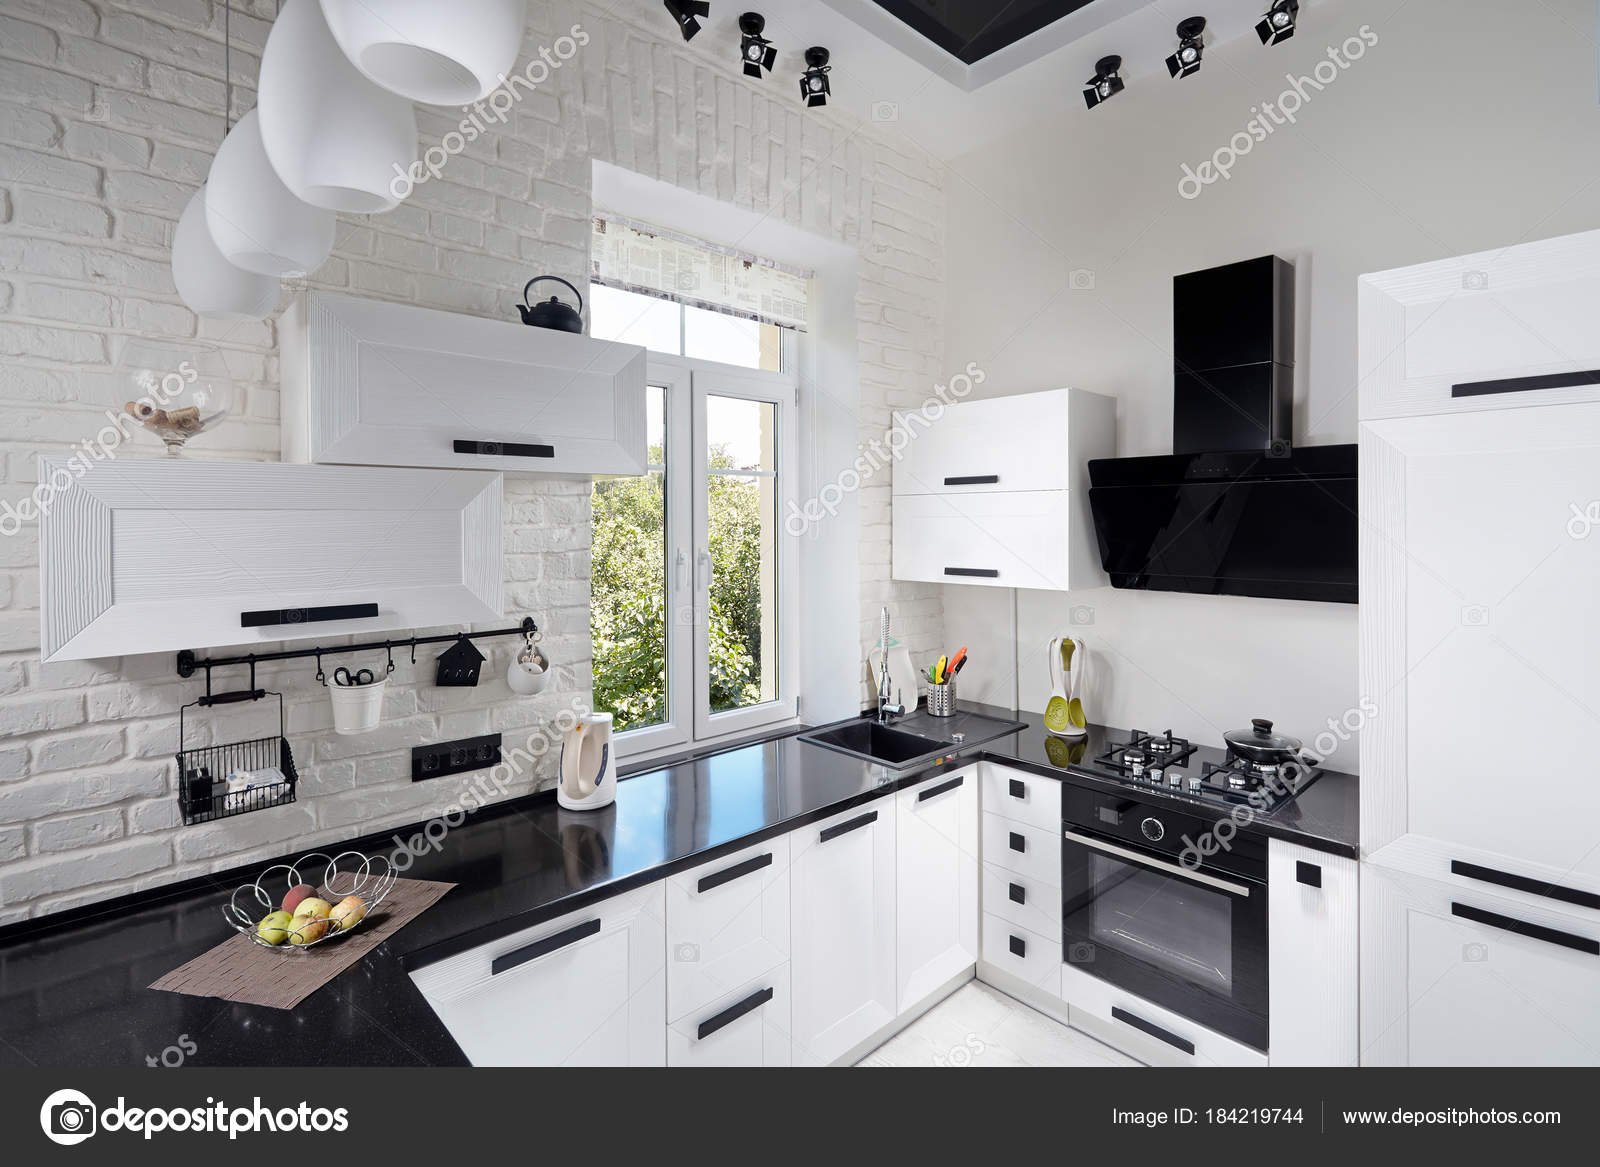 Cucina moderna con facciata rovere chiaro — Foto Stock © R_Yosha ...